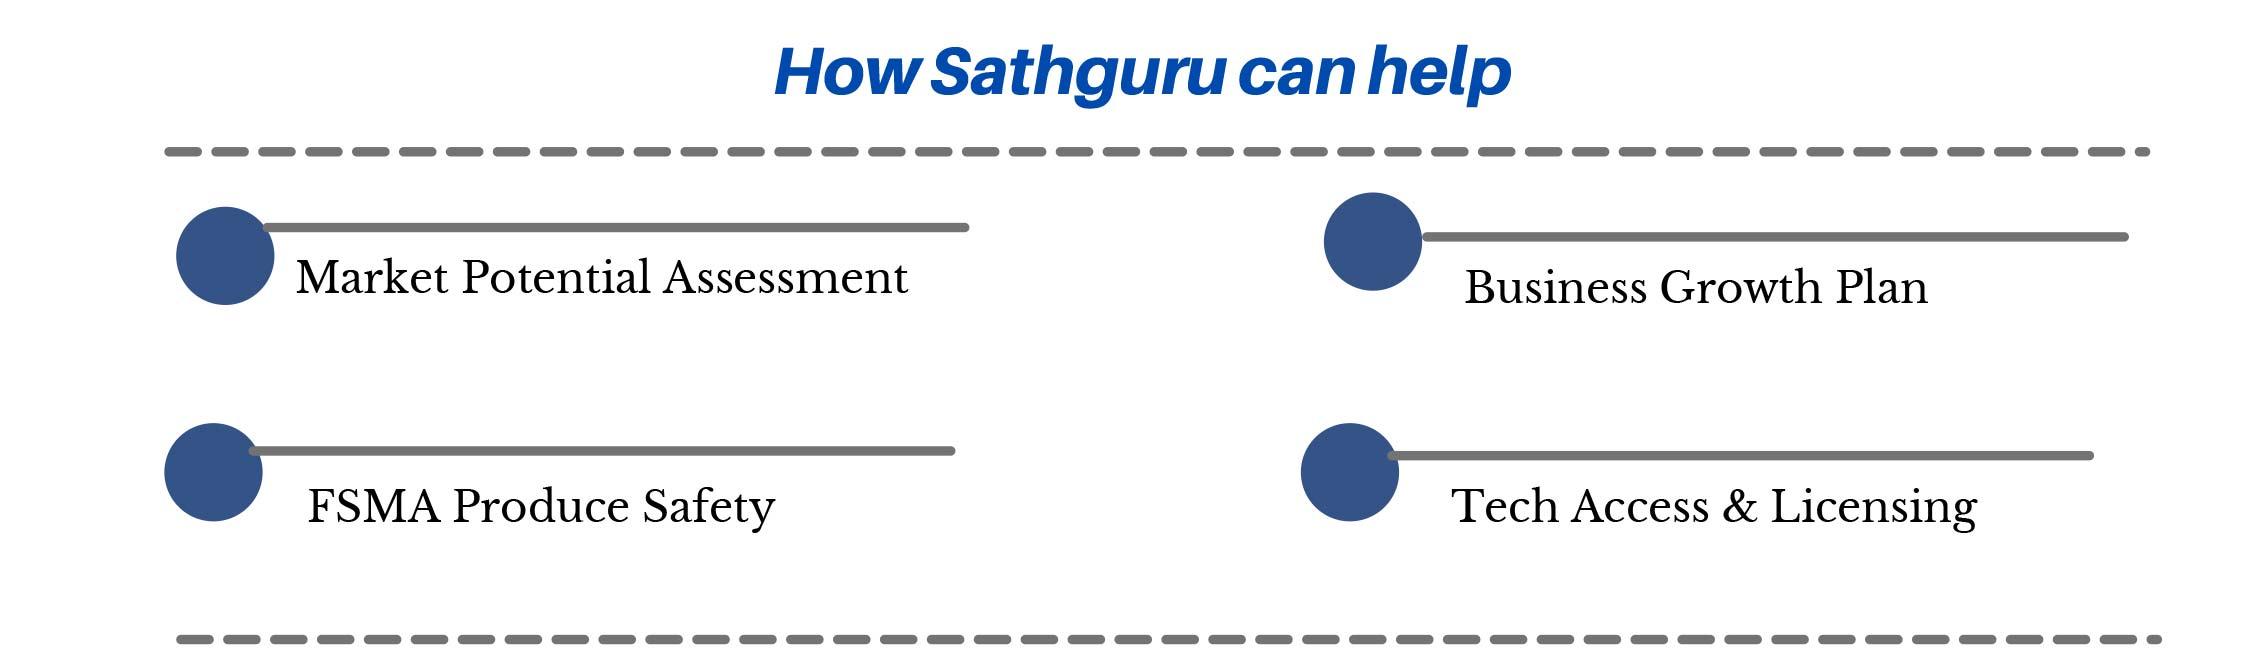 food-processing-sathguru-helps